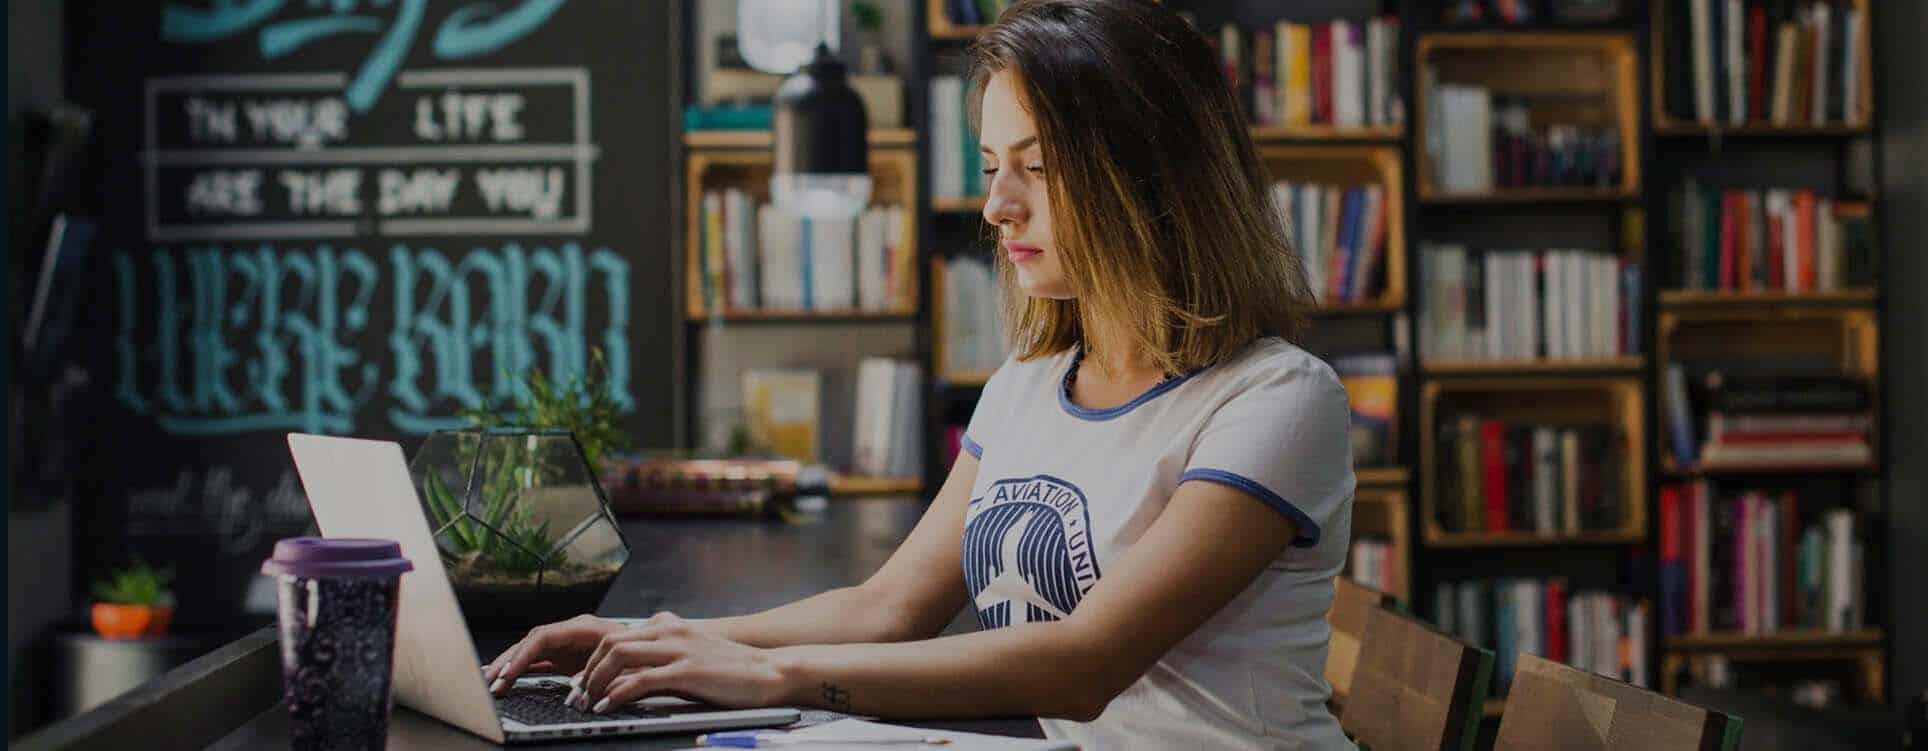 منح تعلم اللغة التركية مجانا عبر الانترنت من معهد Yunus Emre